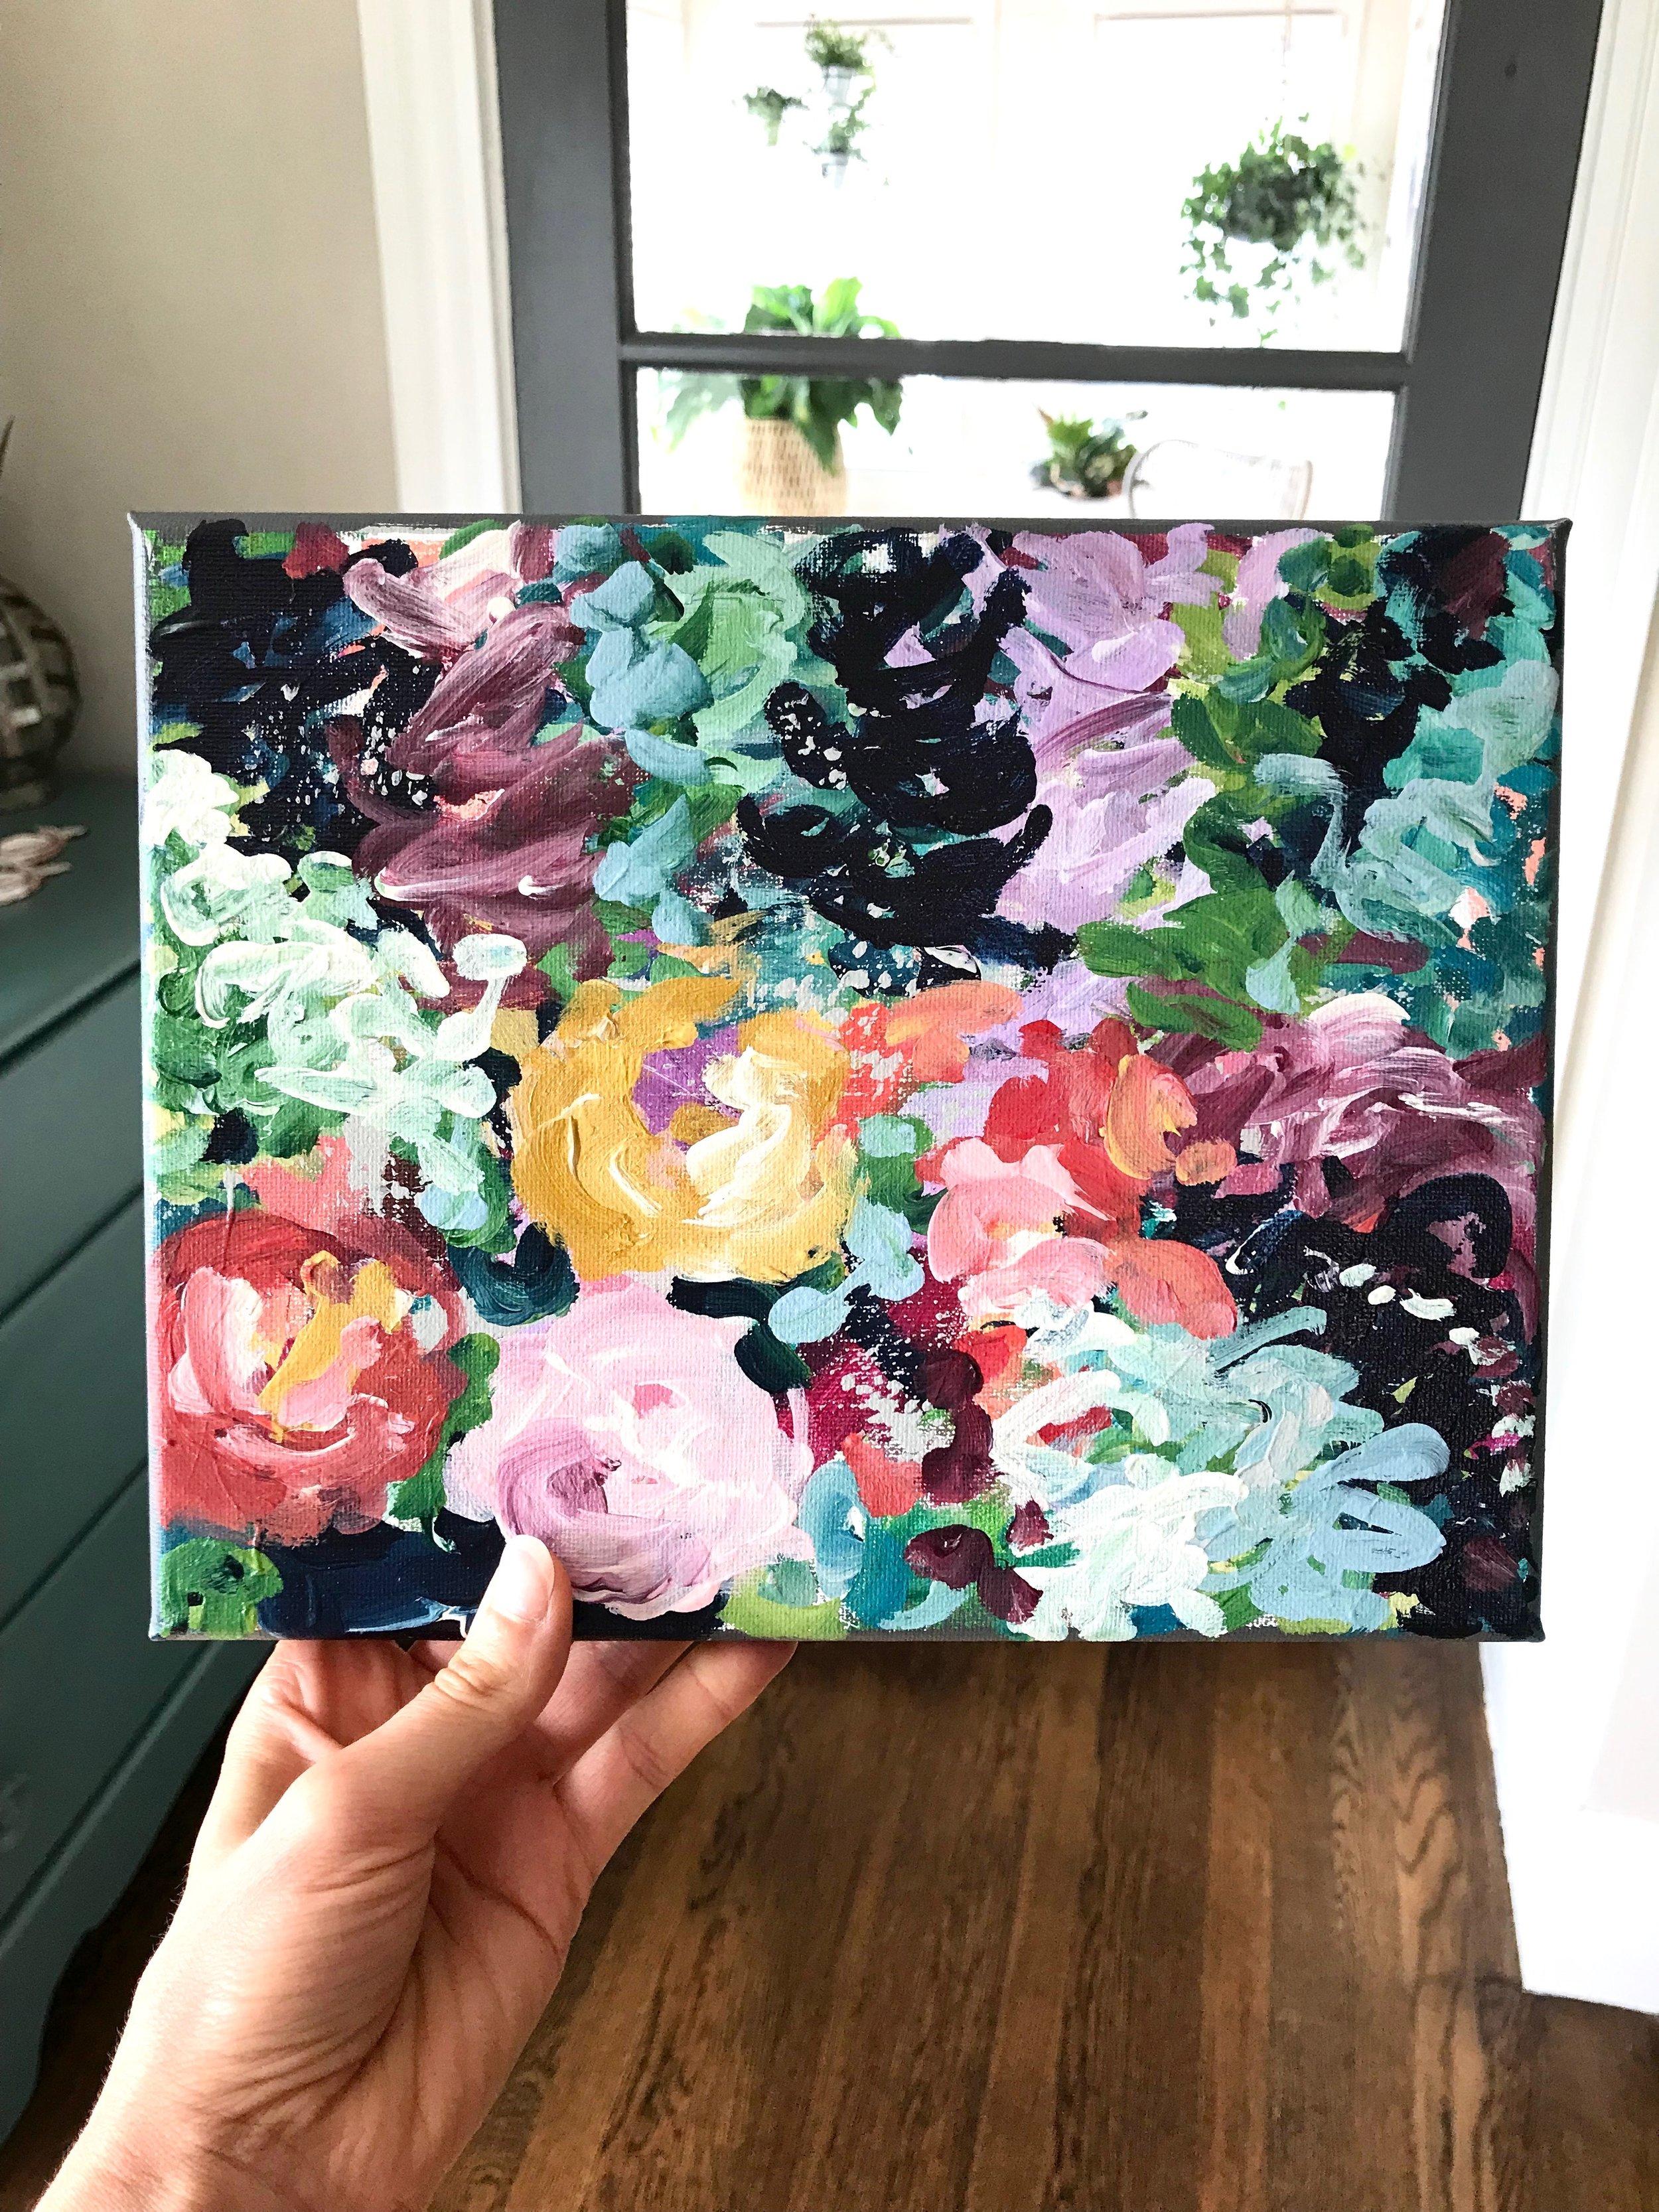 Elle_Byers_paintings.JPG